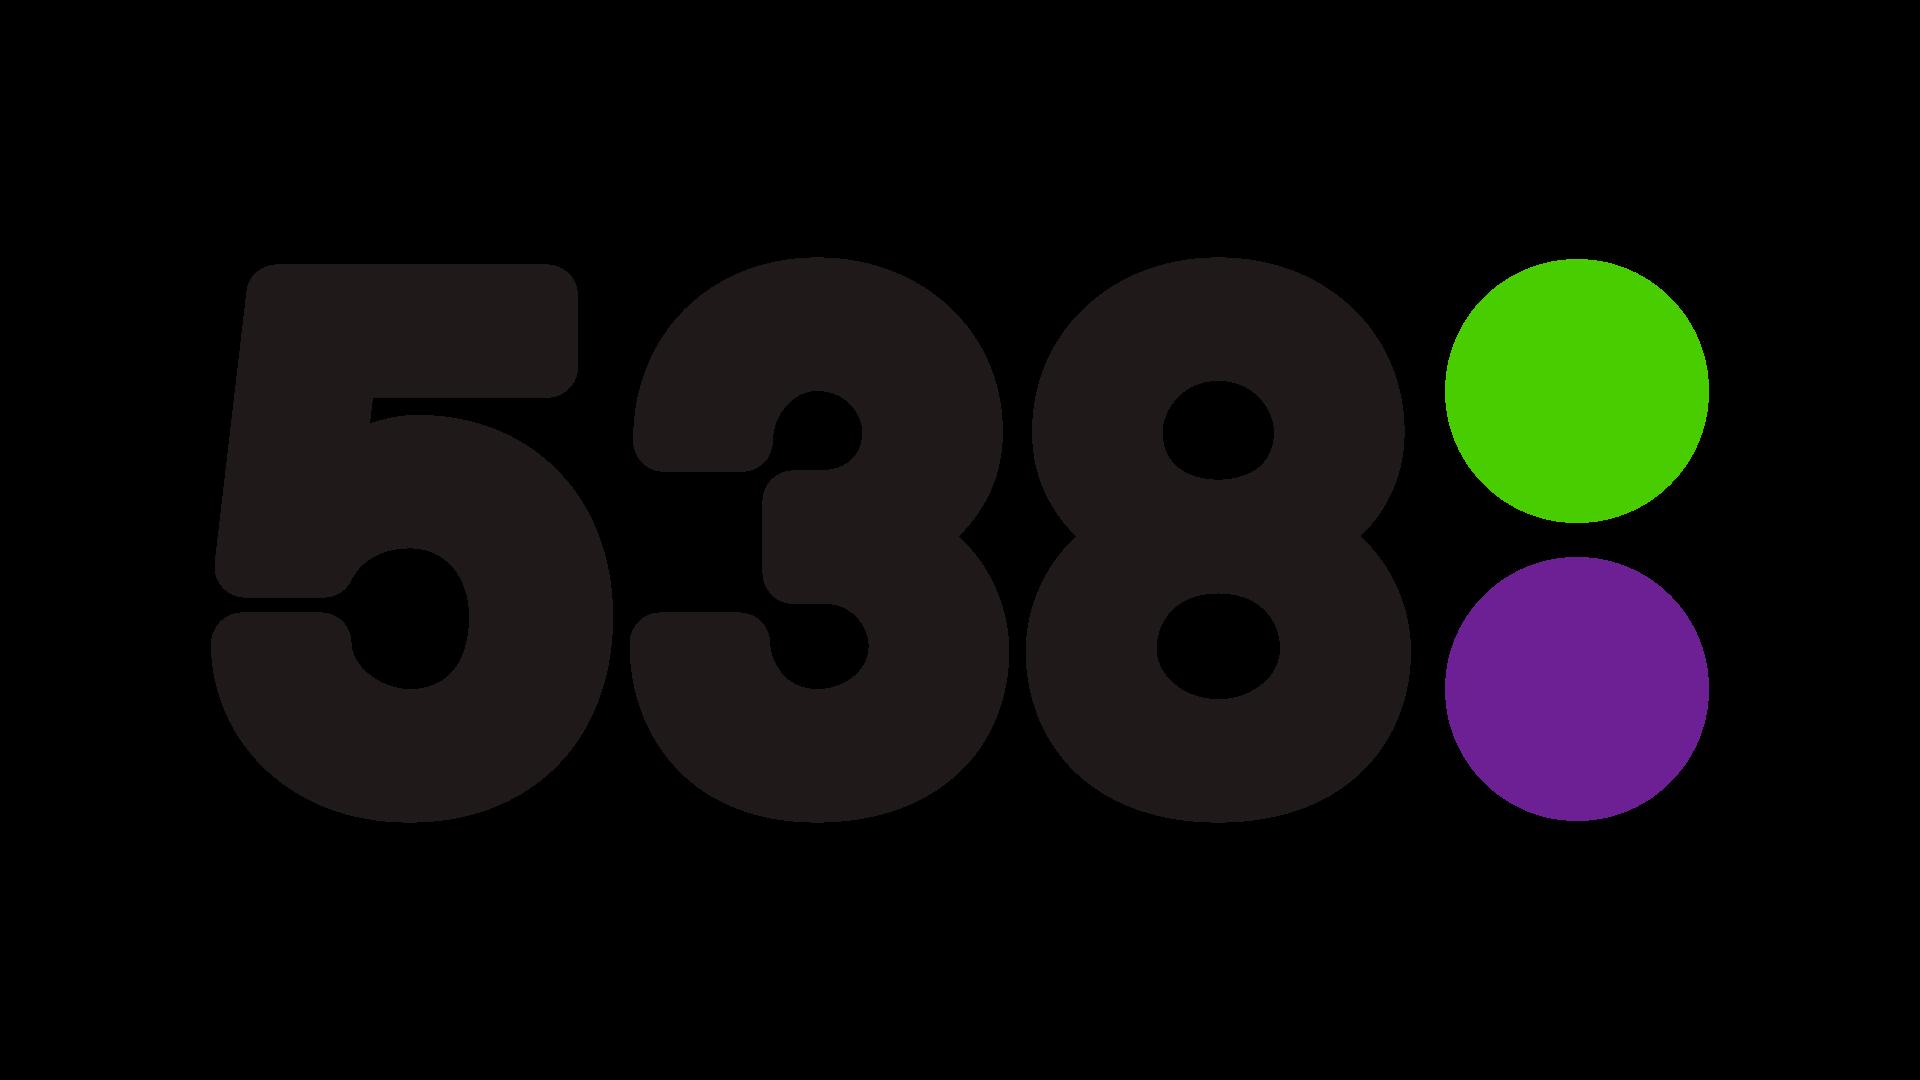 TV 538 Live TV, Online